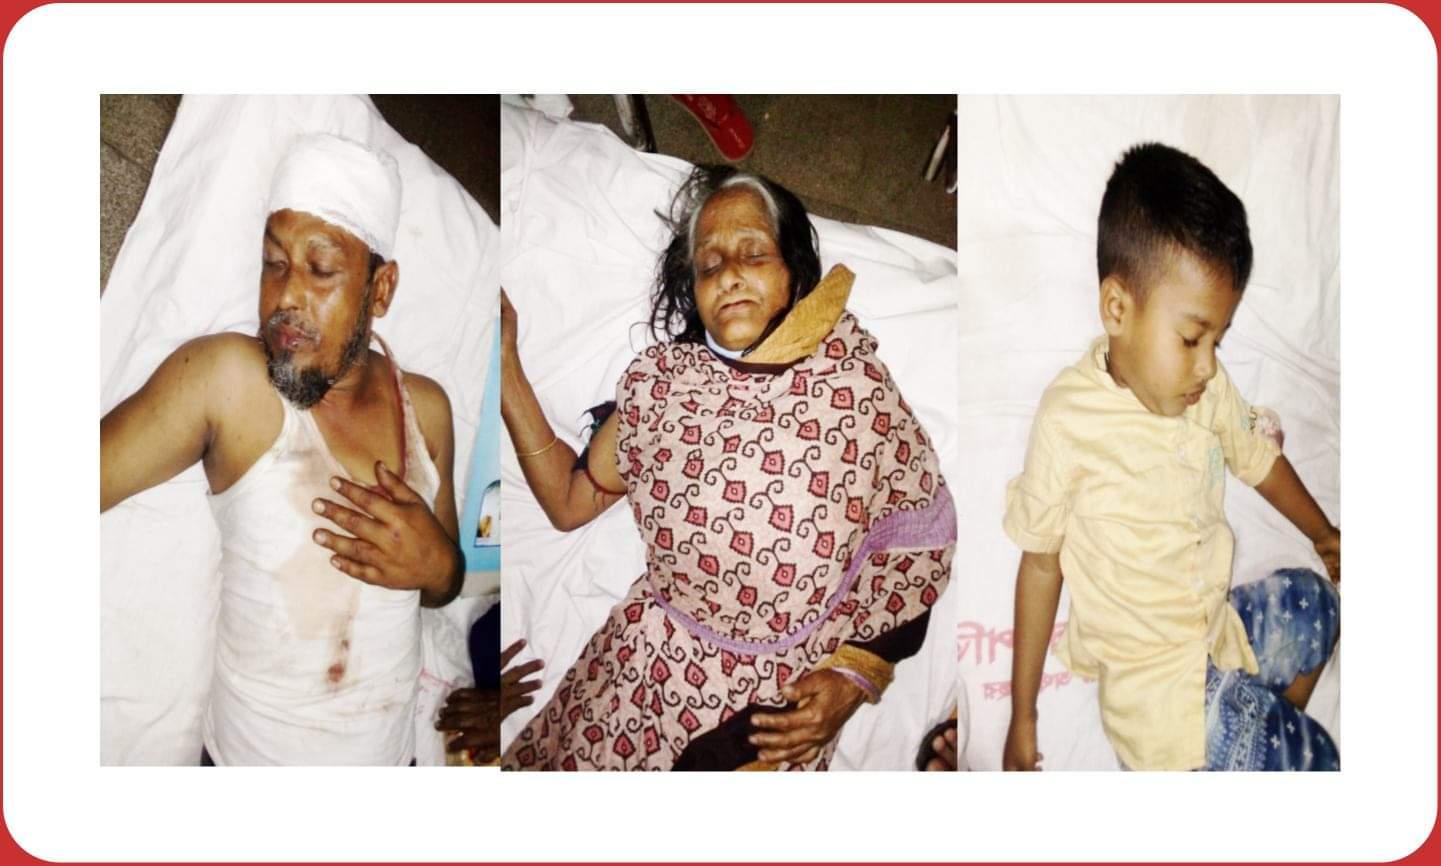 কাশীপুরে মুক্তিযোদ্ধার স্ত্রী সহ ৪জনকে কুপিয়ে পিটিয়ে জখম